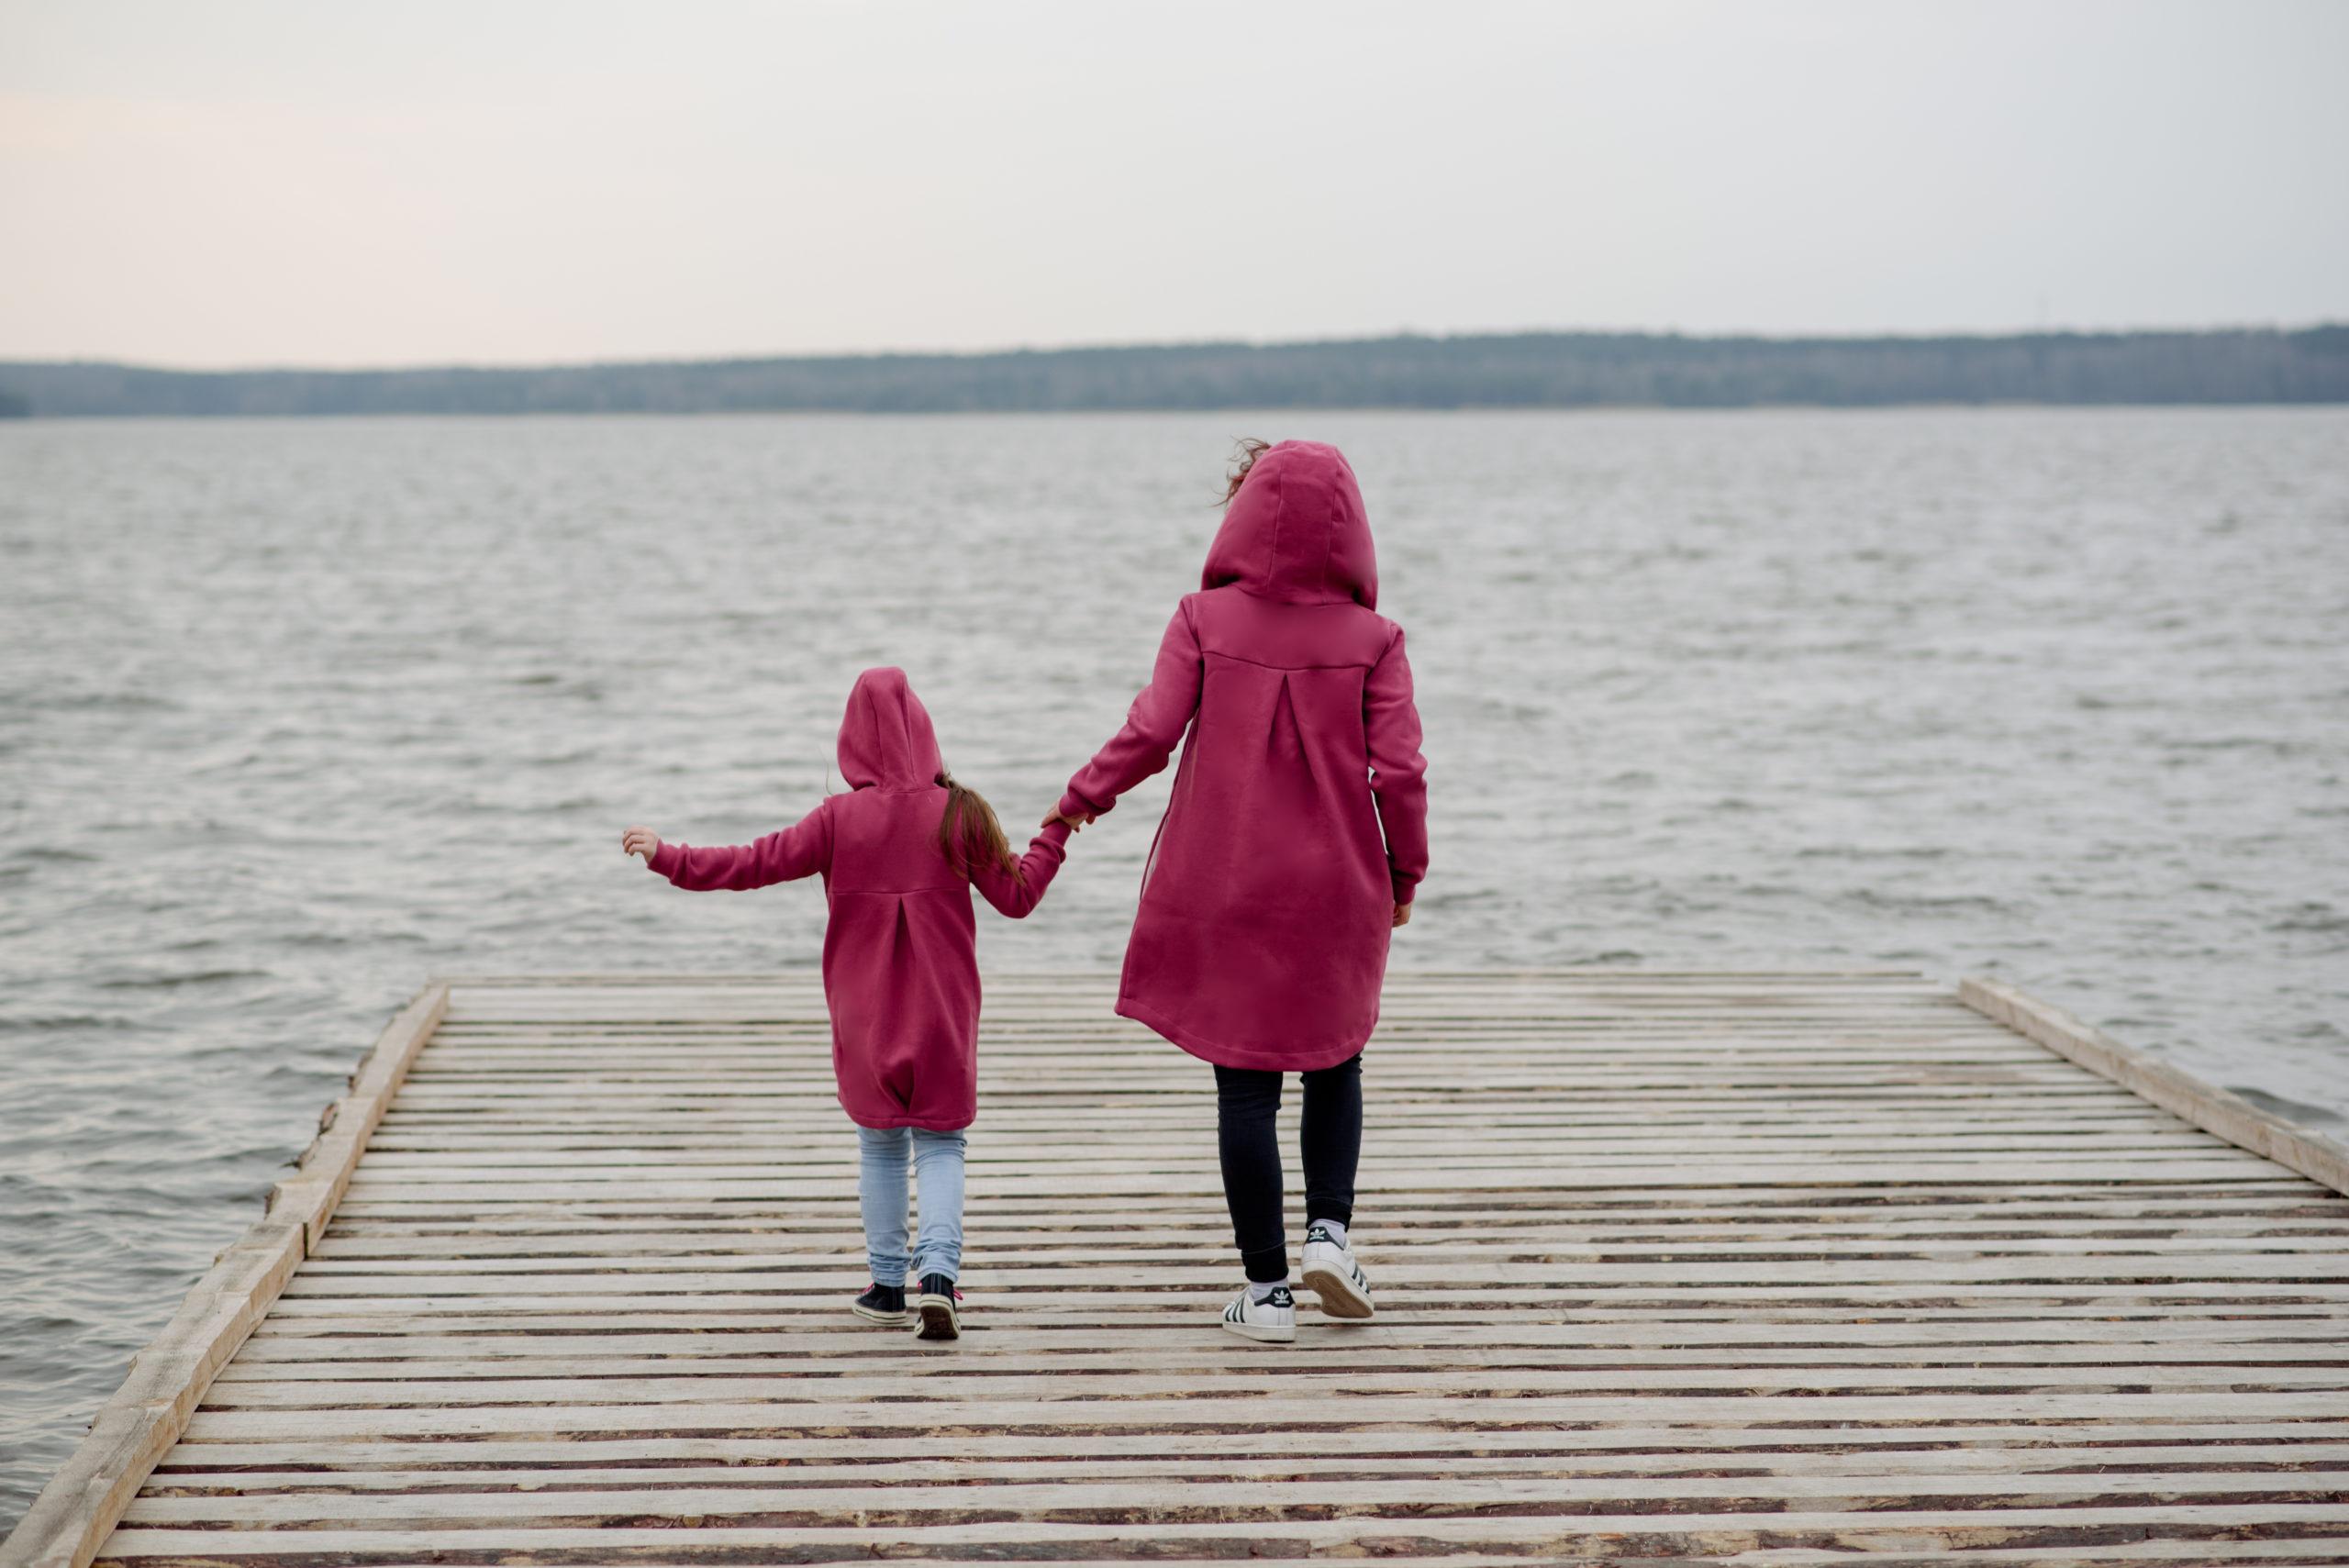 Płaszcz damski wiosenno jesienny Premium-ciemny róż - Bubalove